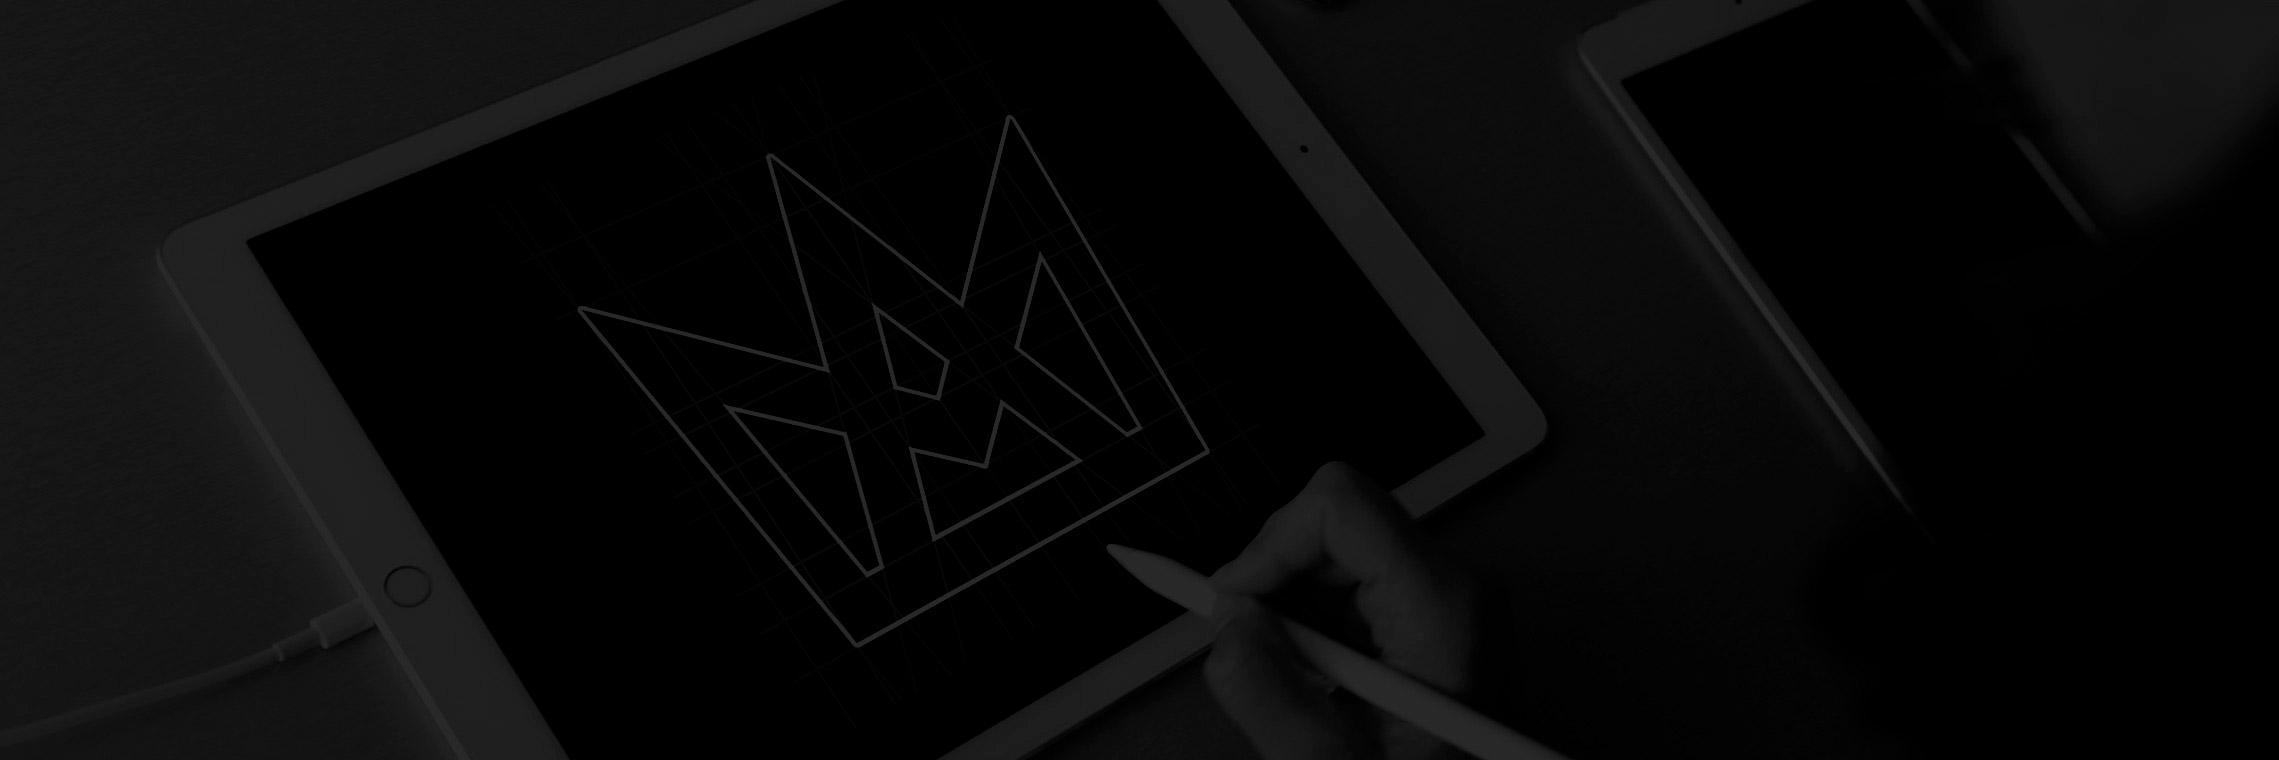 Criação de marcas de alto padrão - Criação de Identidade visual para marcas de alto padrão